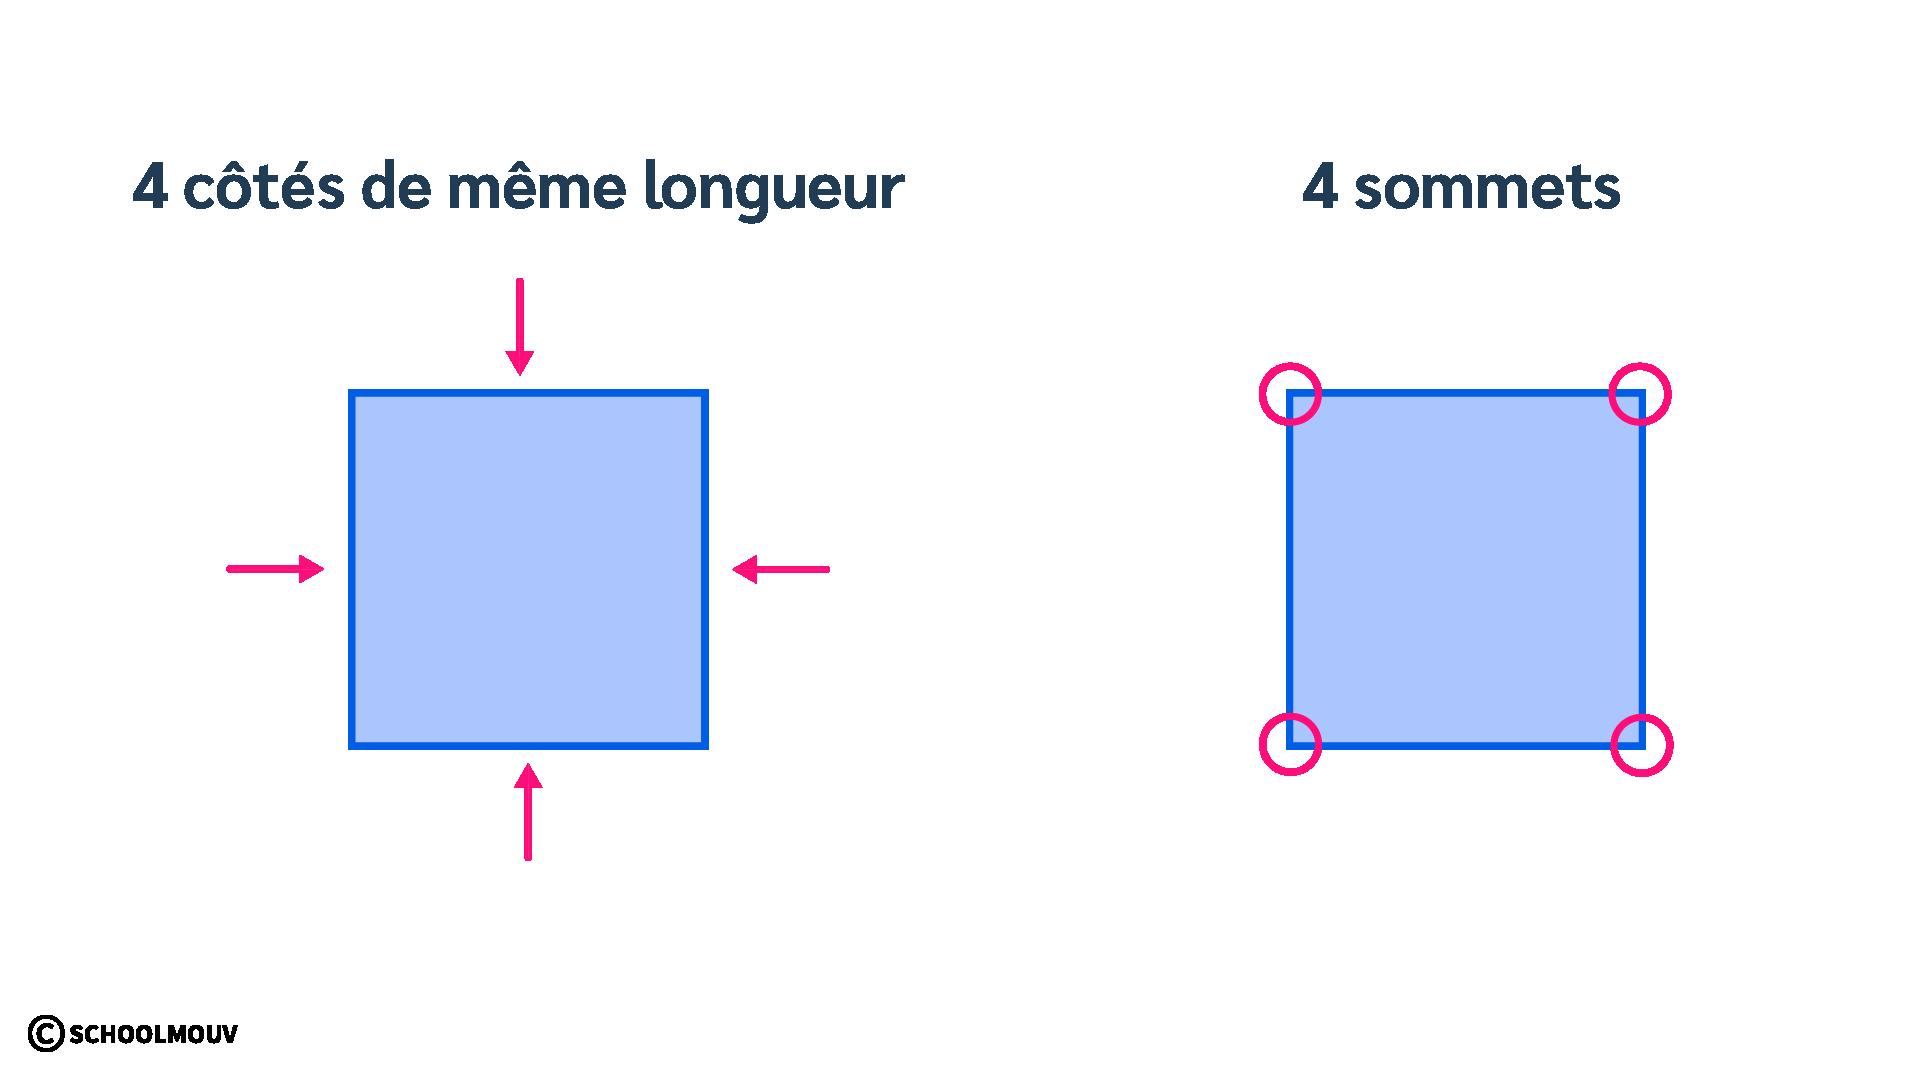 Mathématiques primaire CP espace géométrie figures géométriques carré côtés sommets